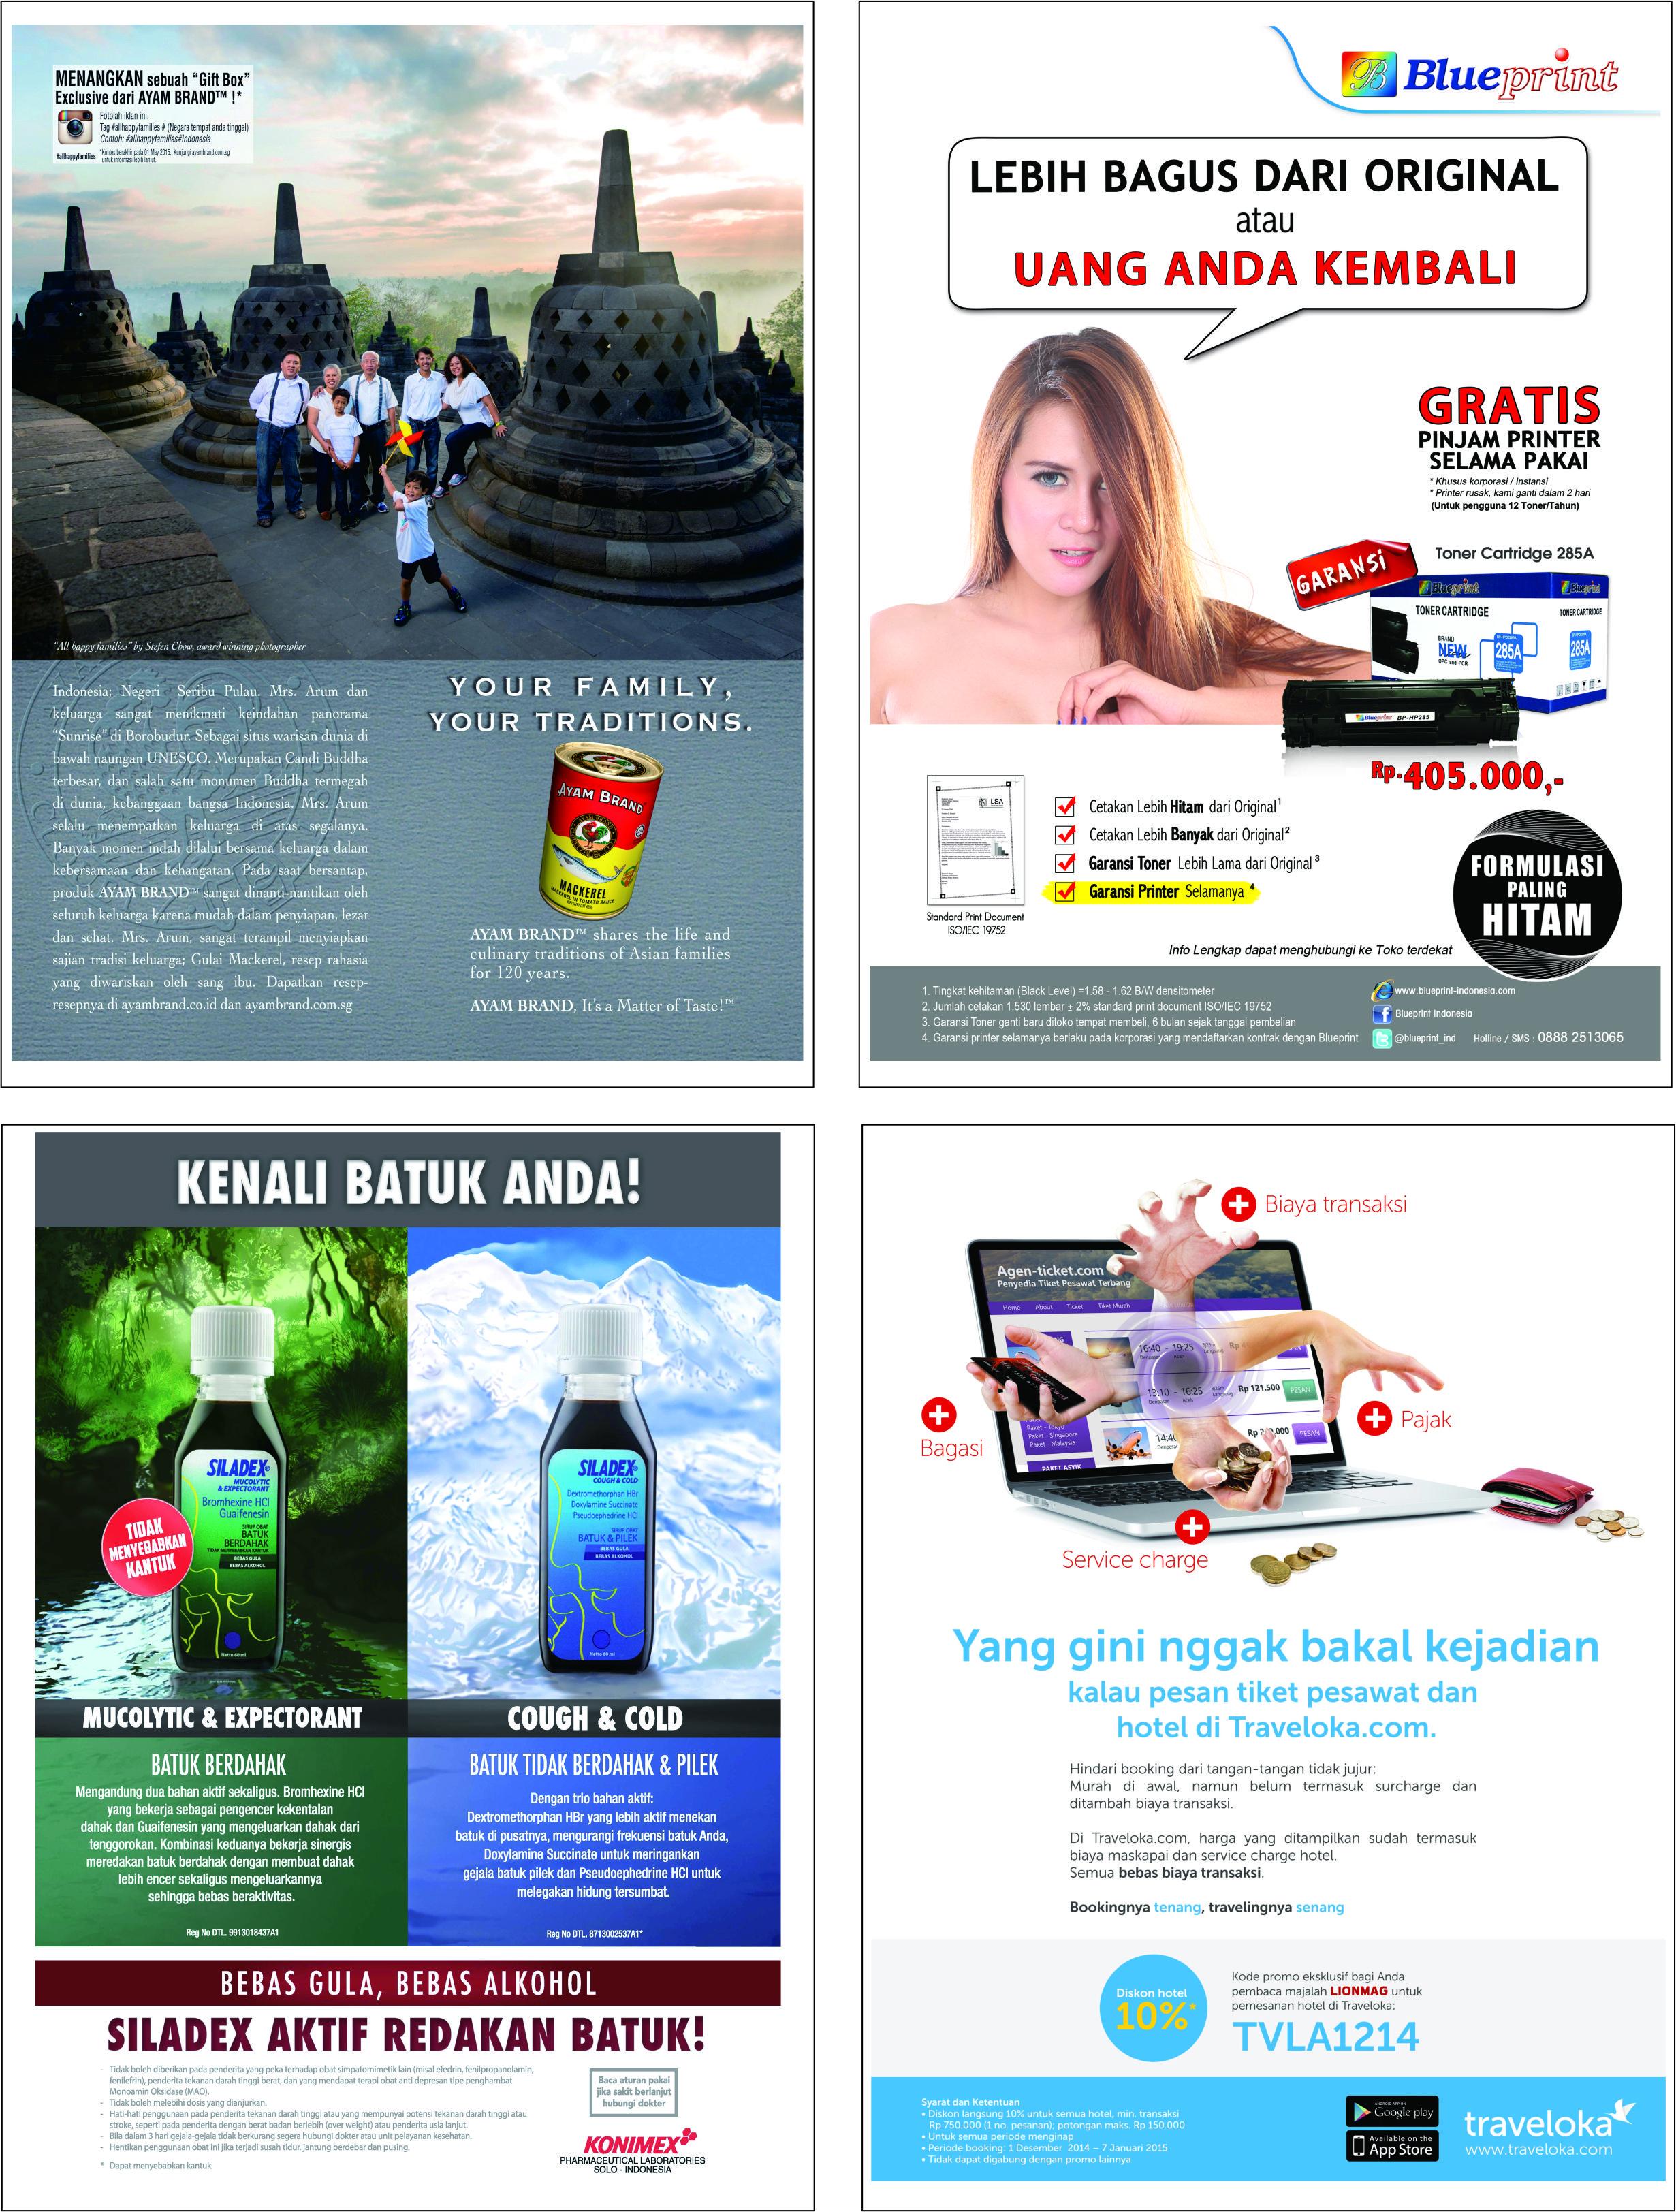 Contoh klien yang pasang iklan di majalah